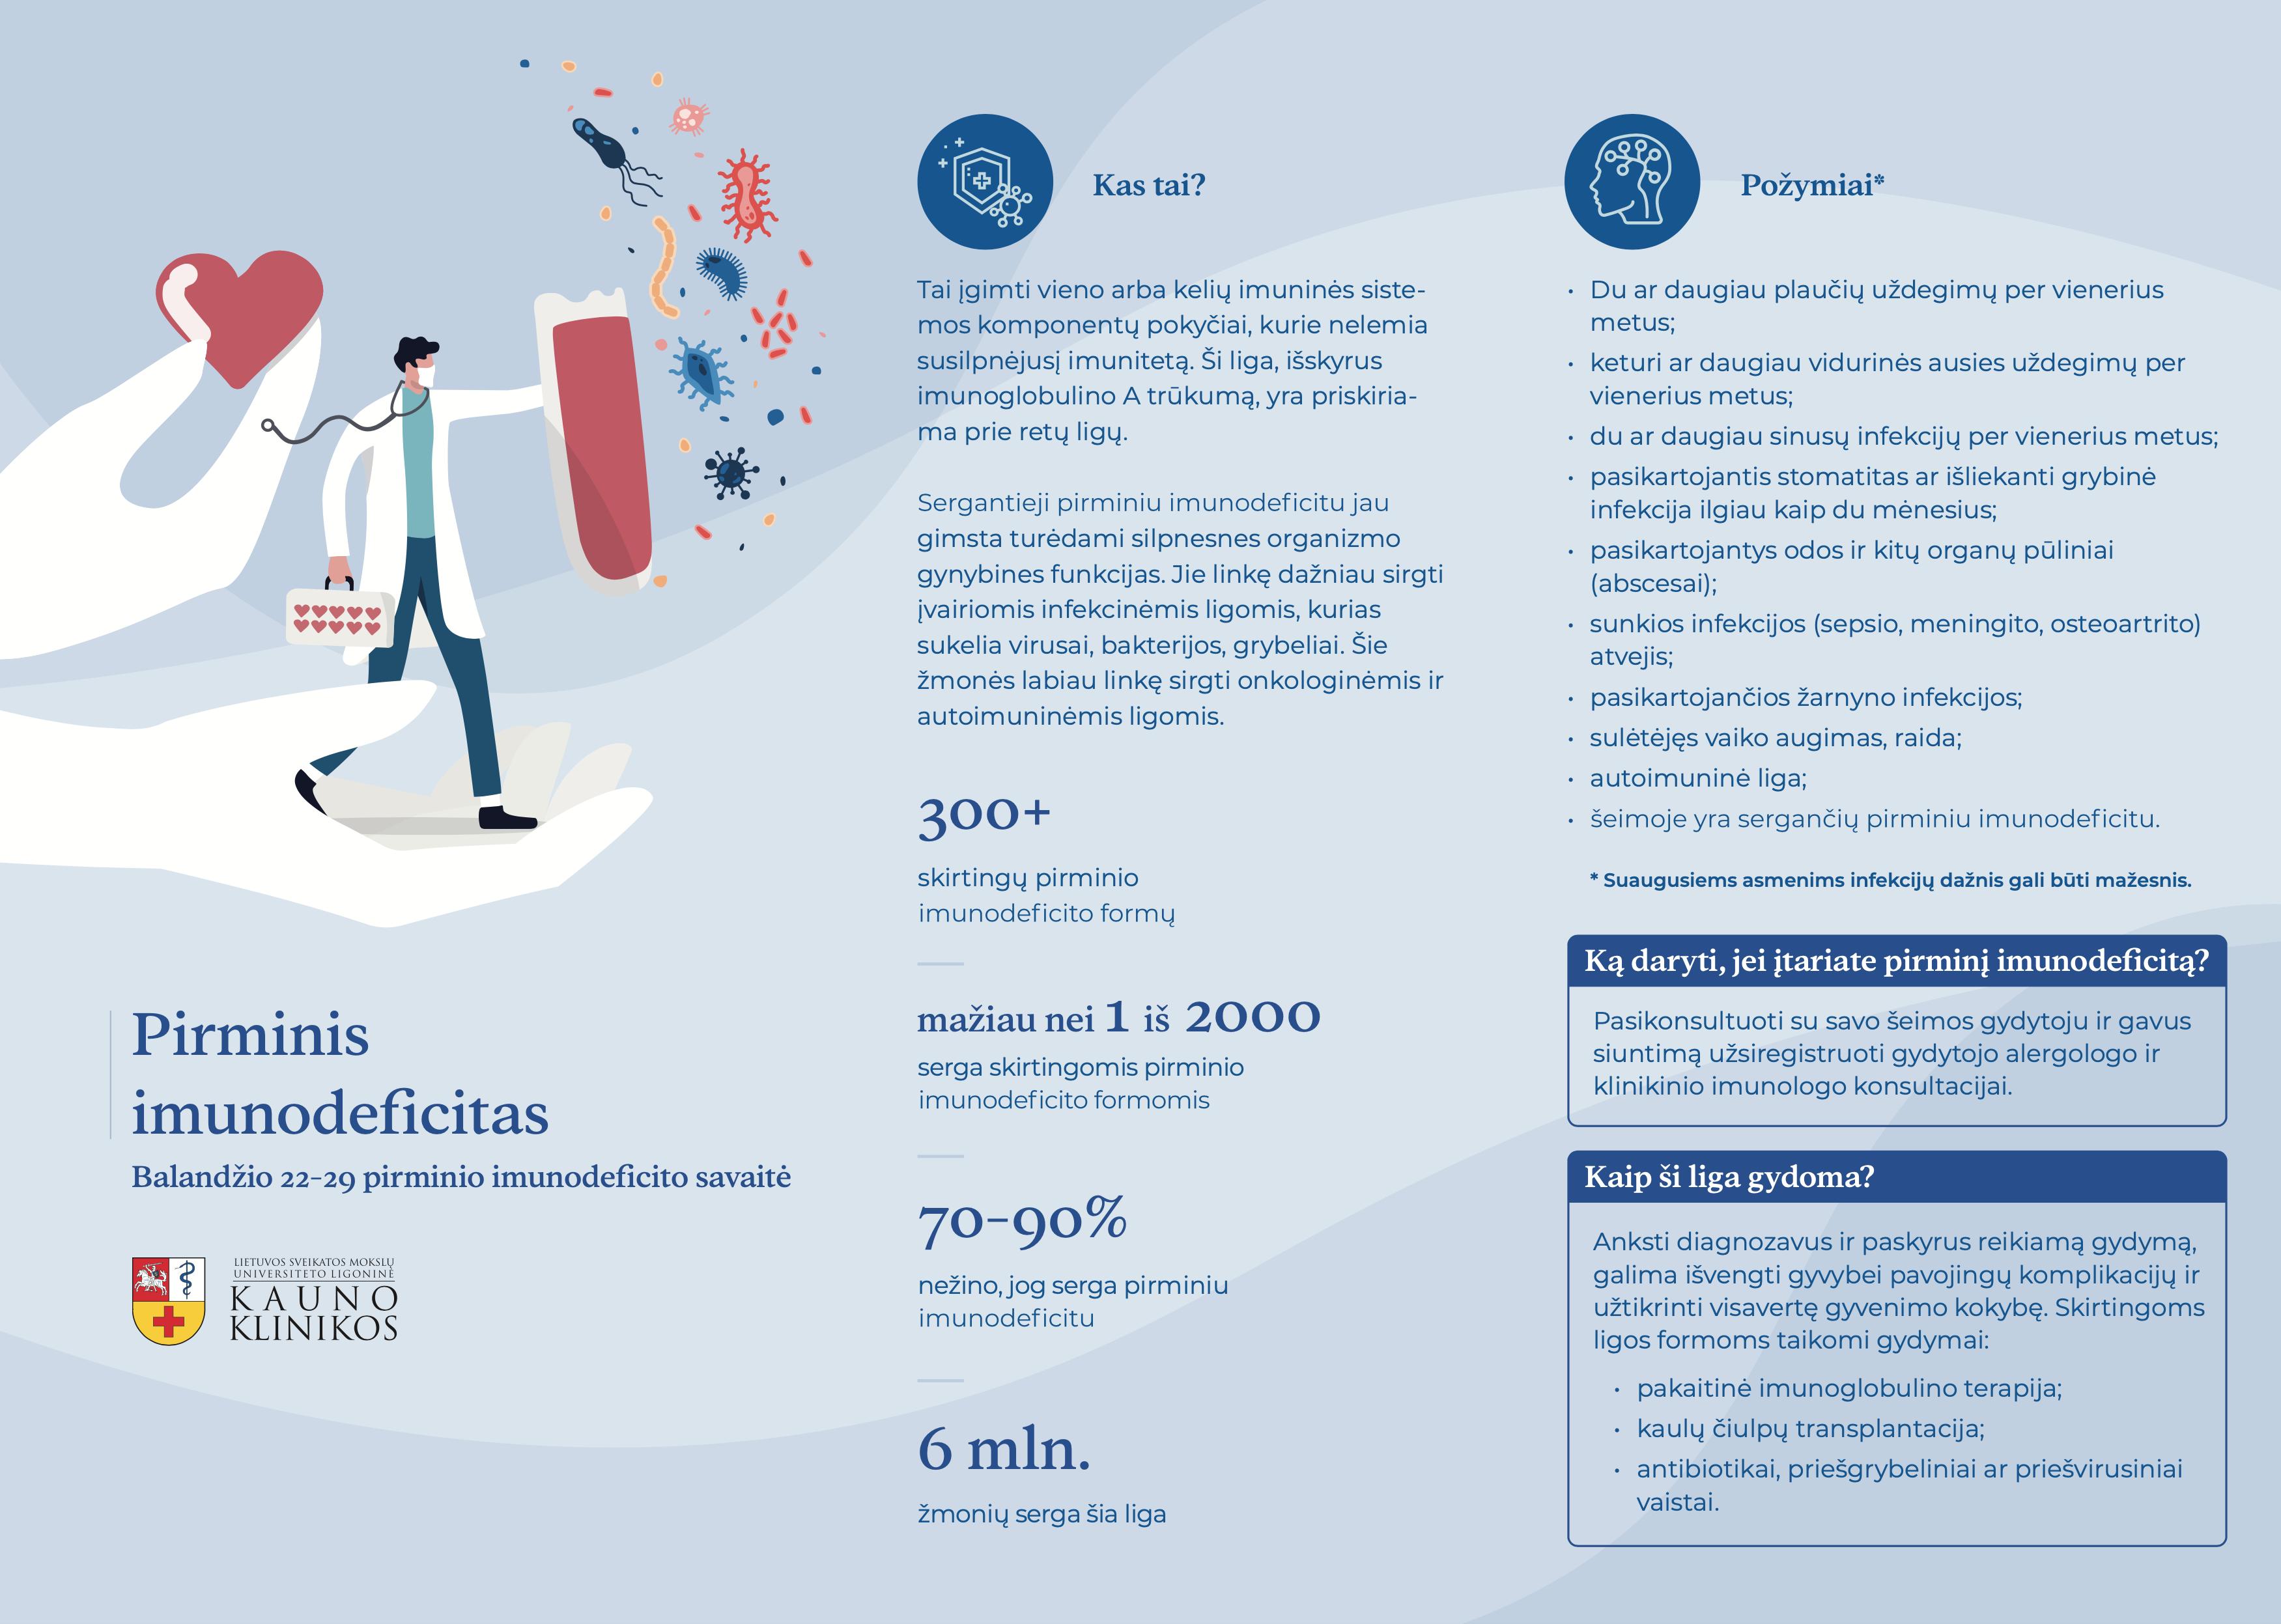 Plakatas apie imunodeficitą